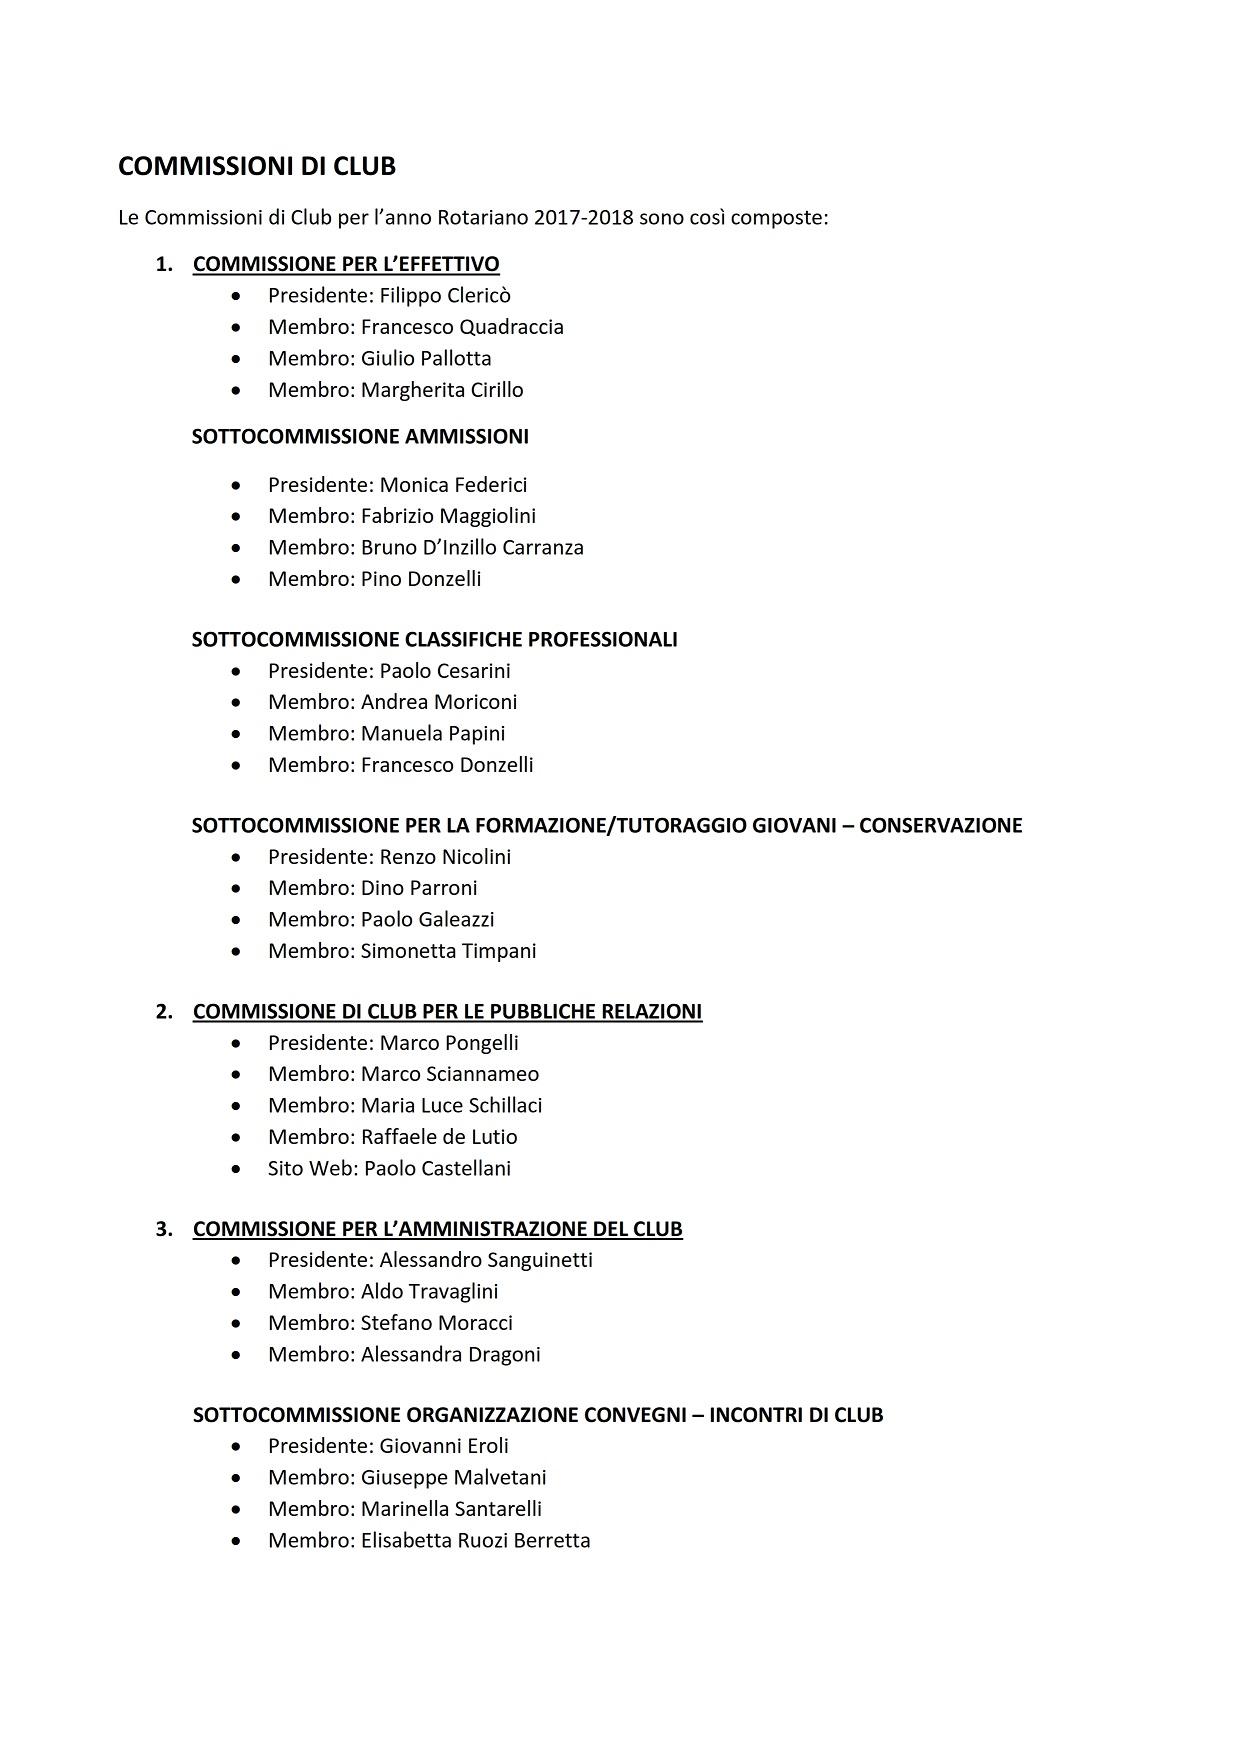 COMMISSIONI DI CLUB A.R. 2017-18_001